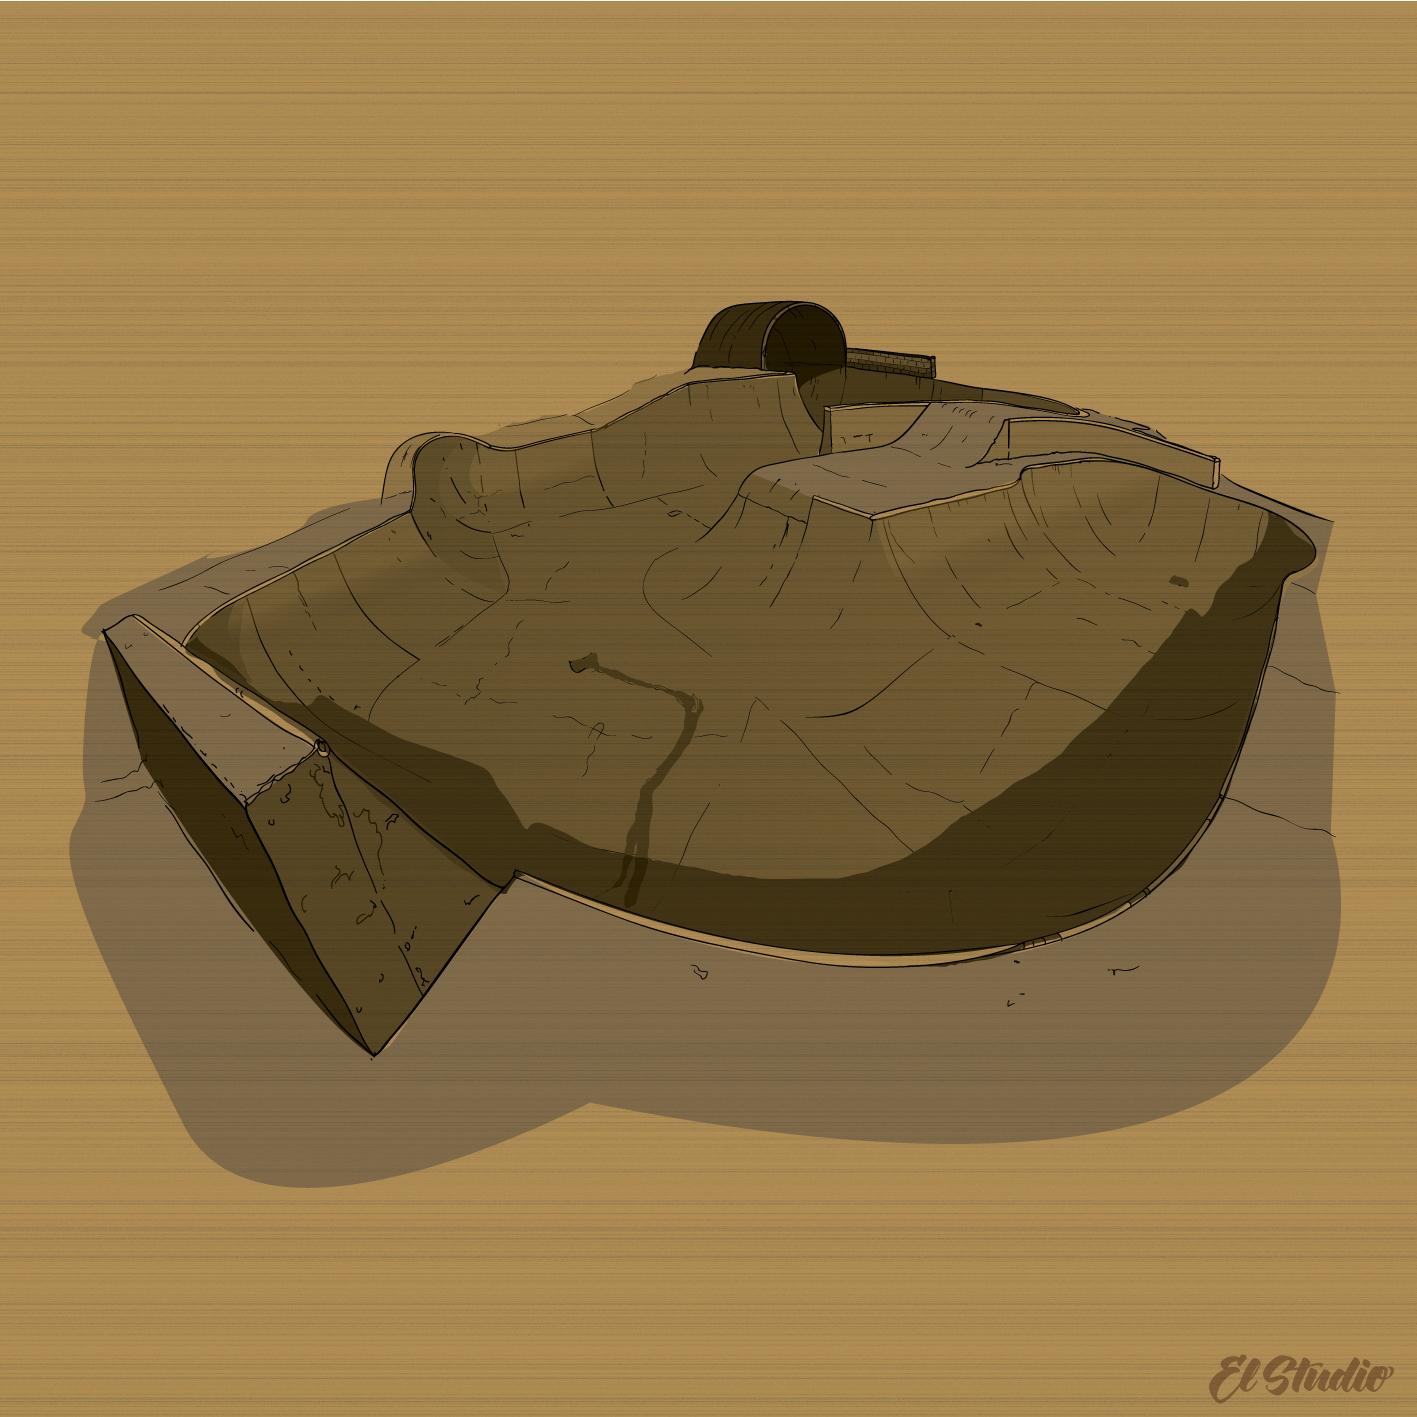 dubbo-bowl-illustration.jpg